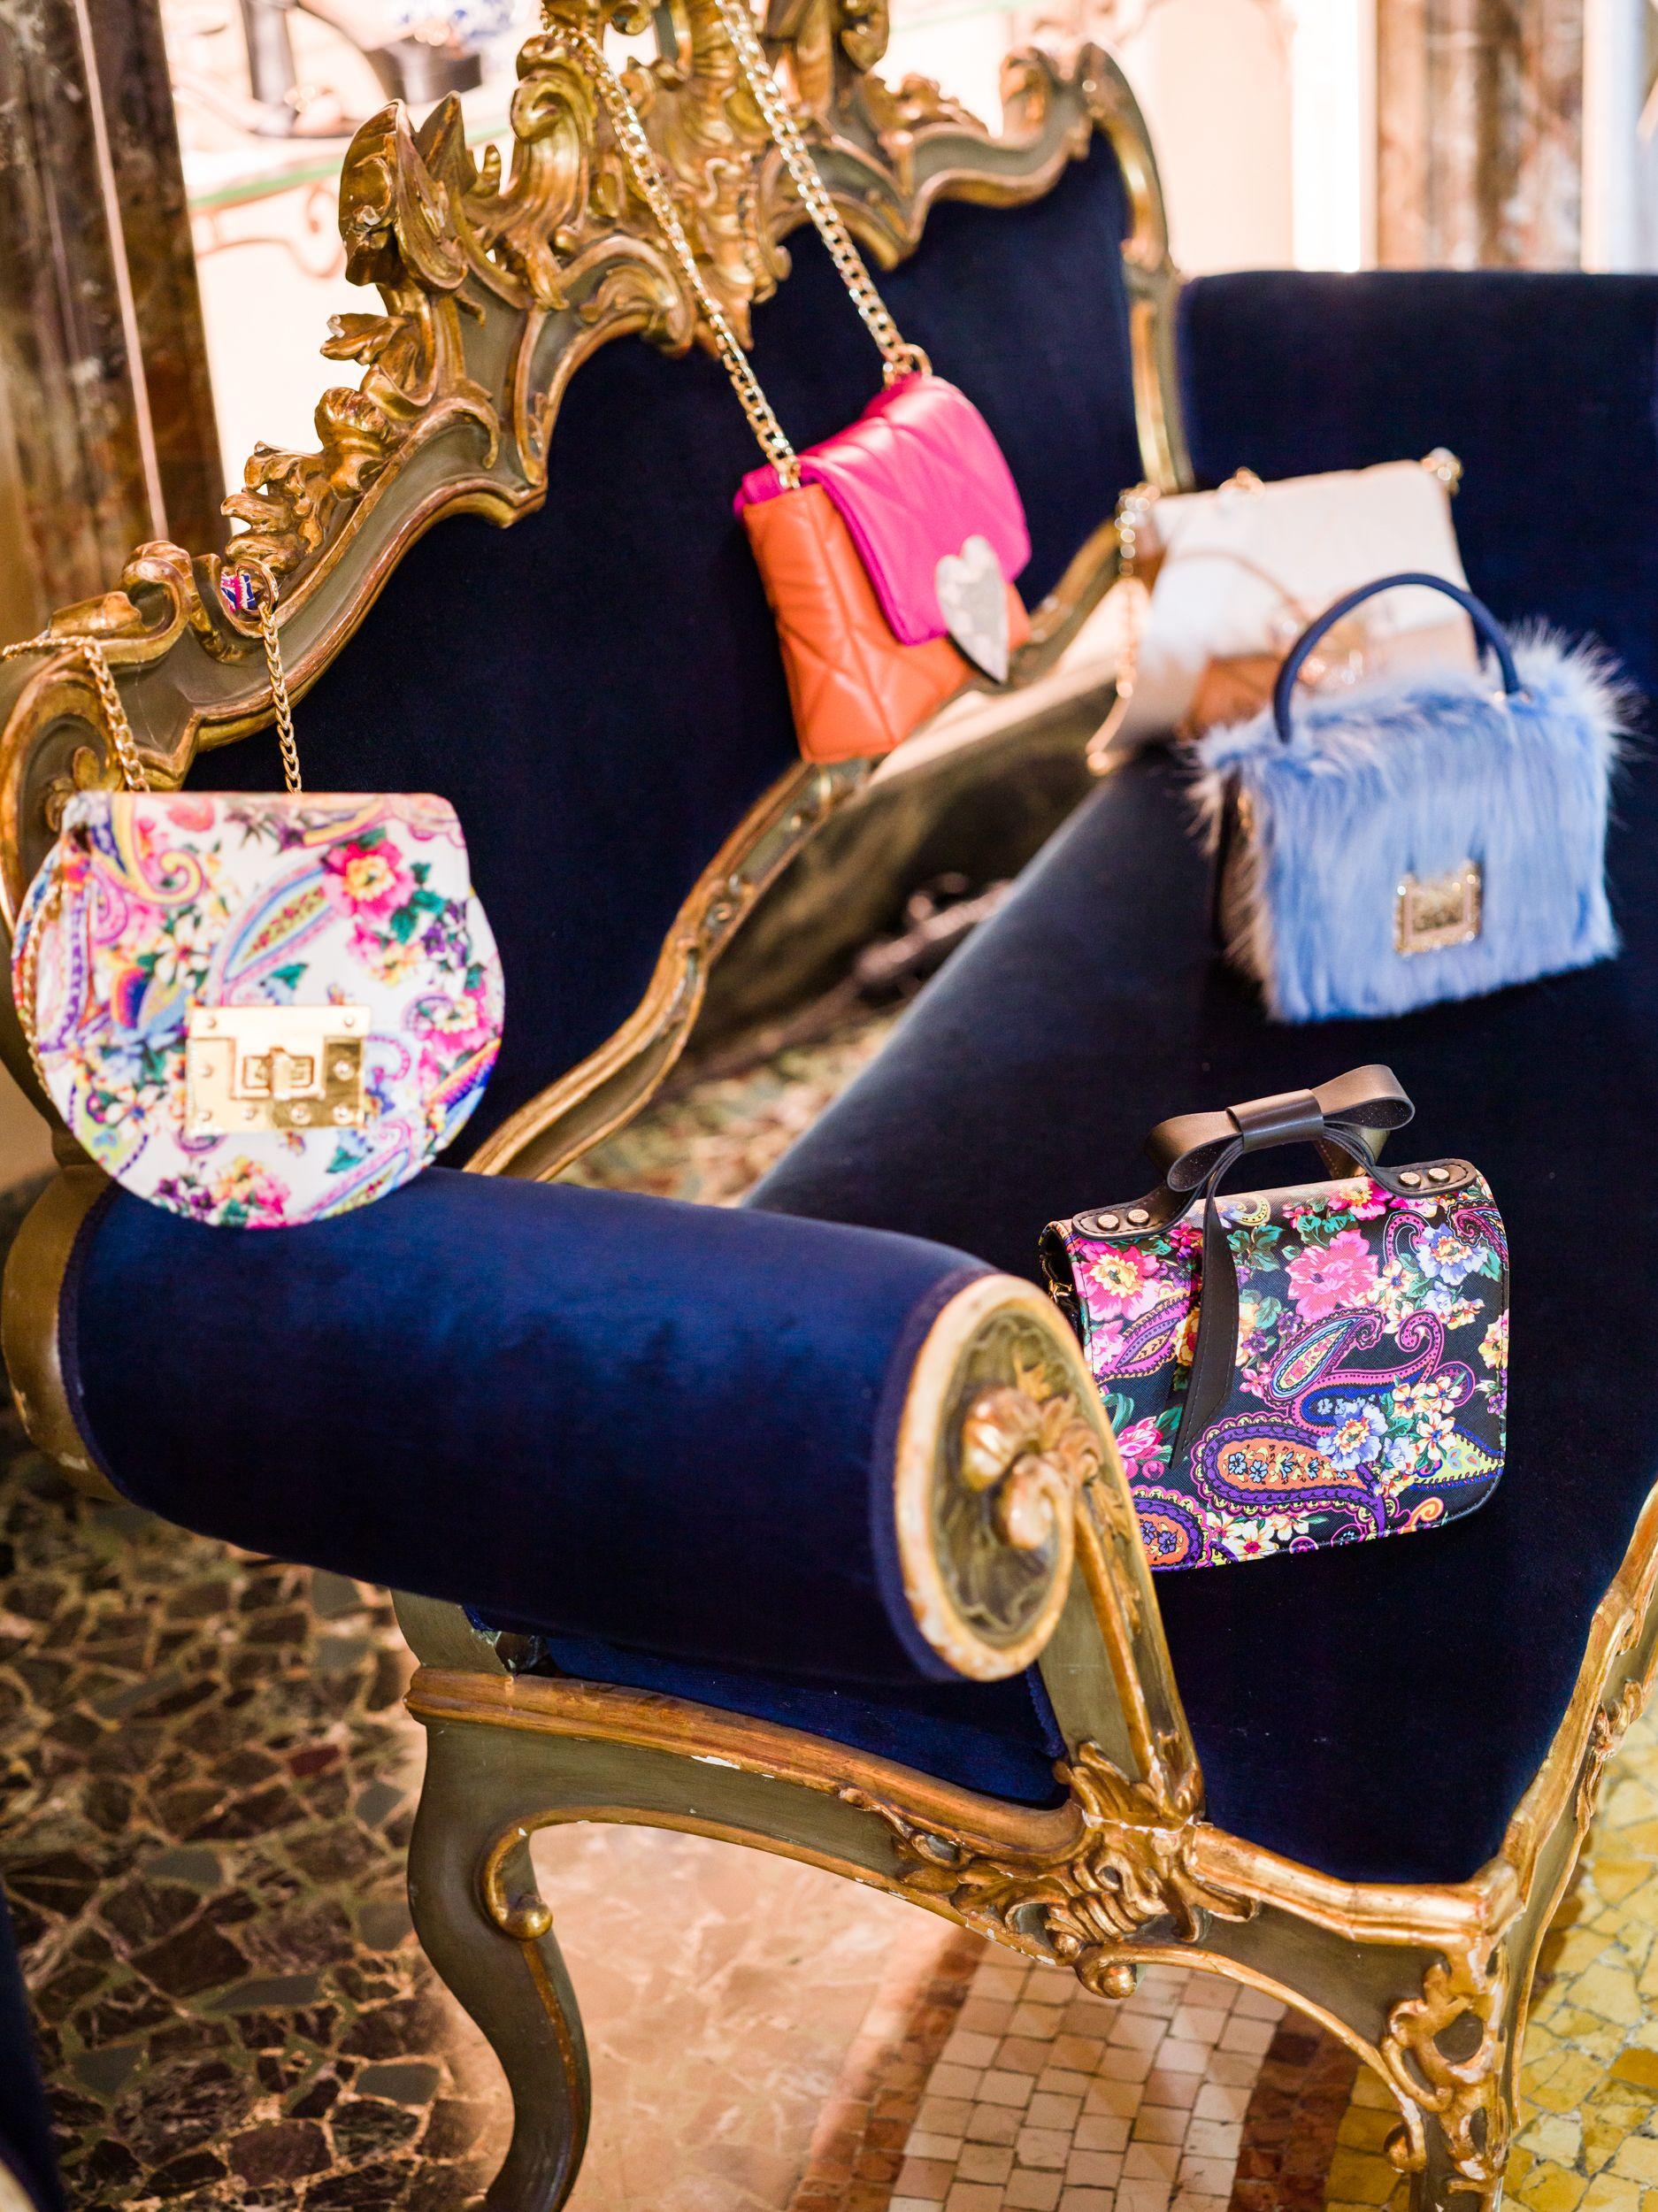 My Lovely Bag - Mall of Split